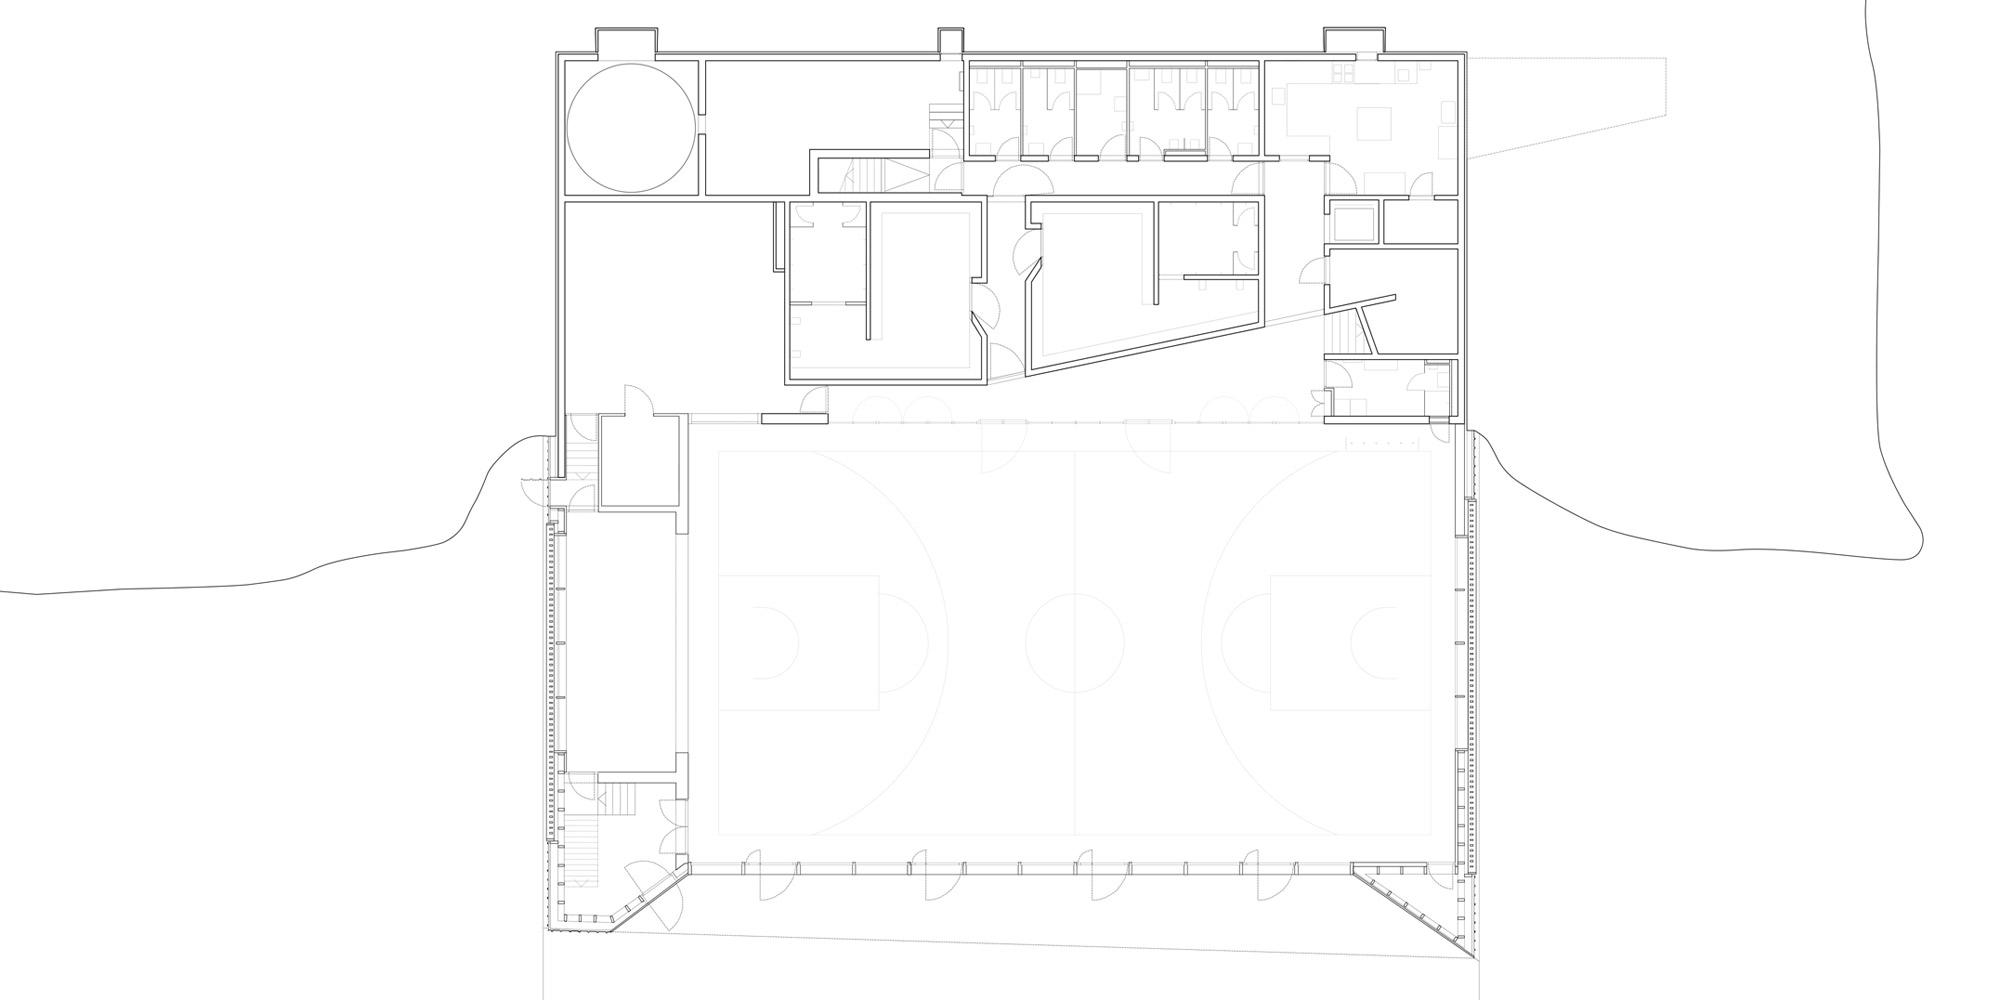 First Floor Plan © Localarchitecture